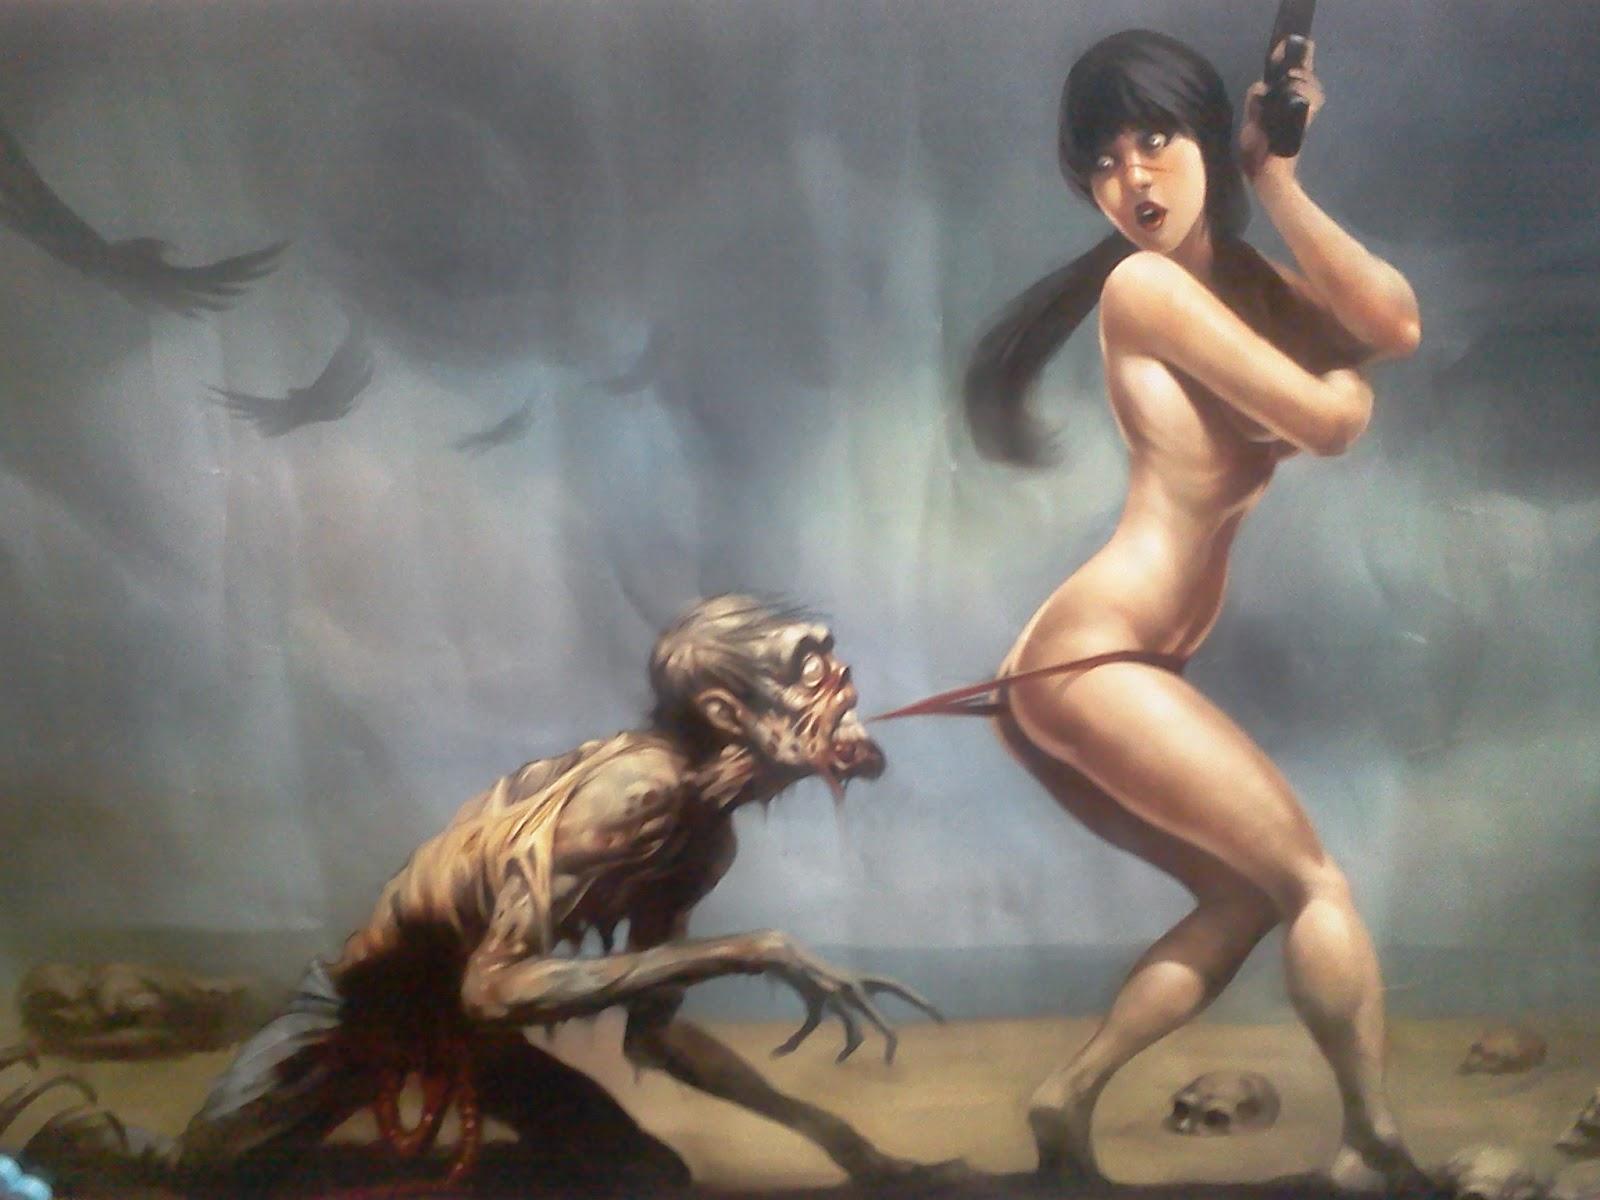 Чудовище ебёт девушку, Девушку трахает морской монстр (видео) 2 фотография